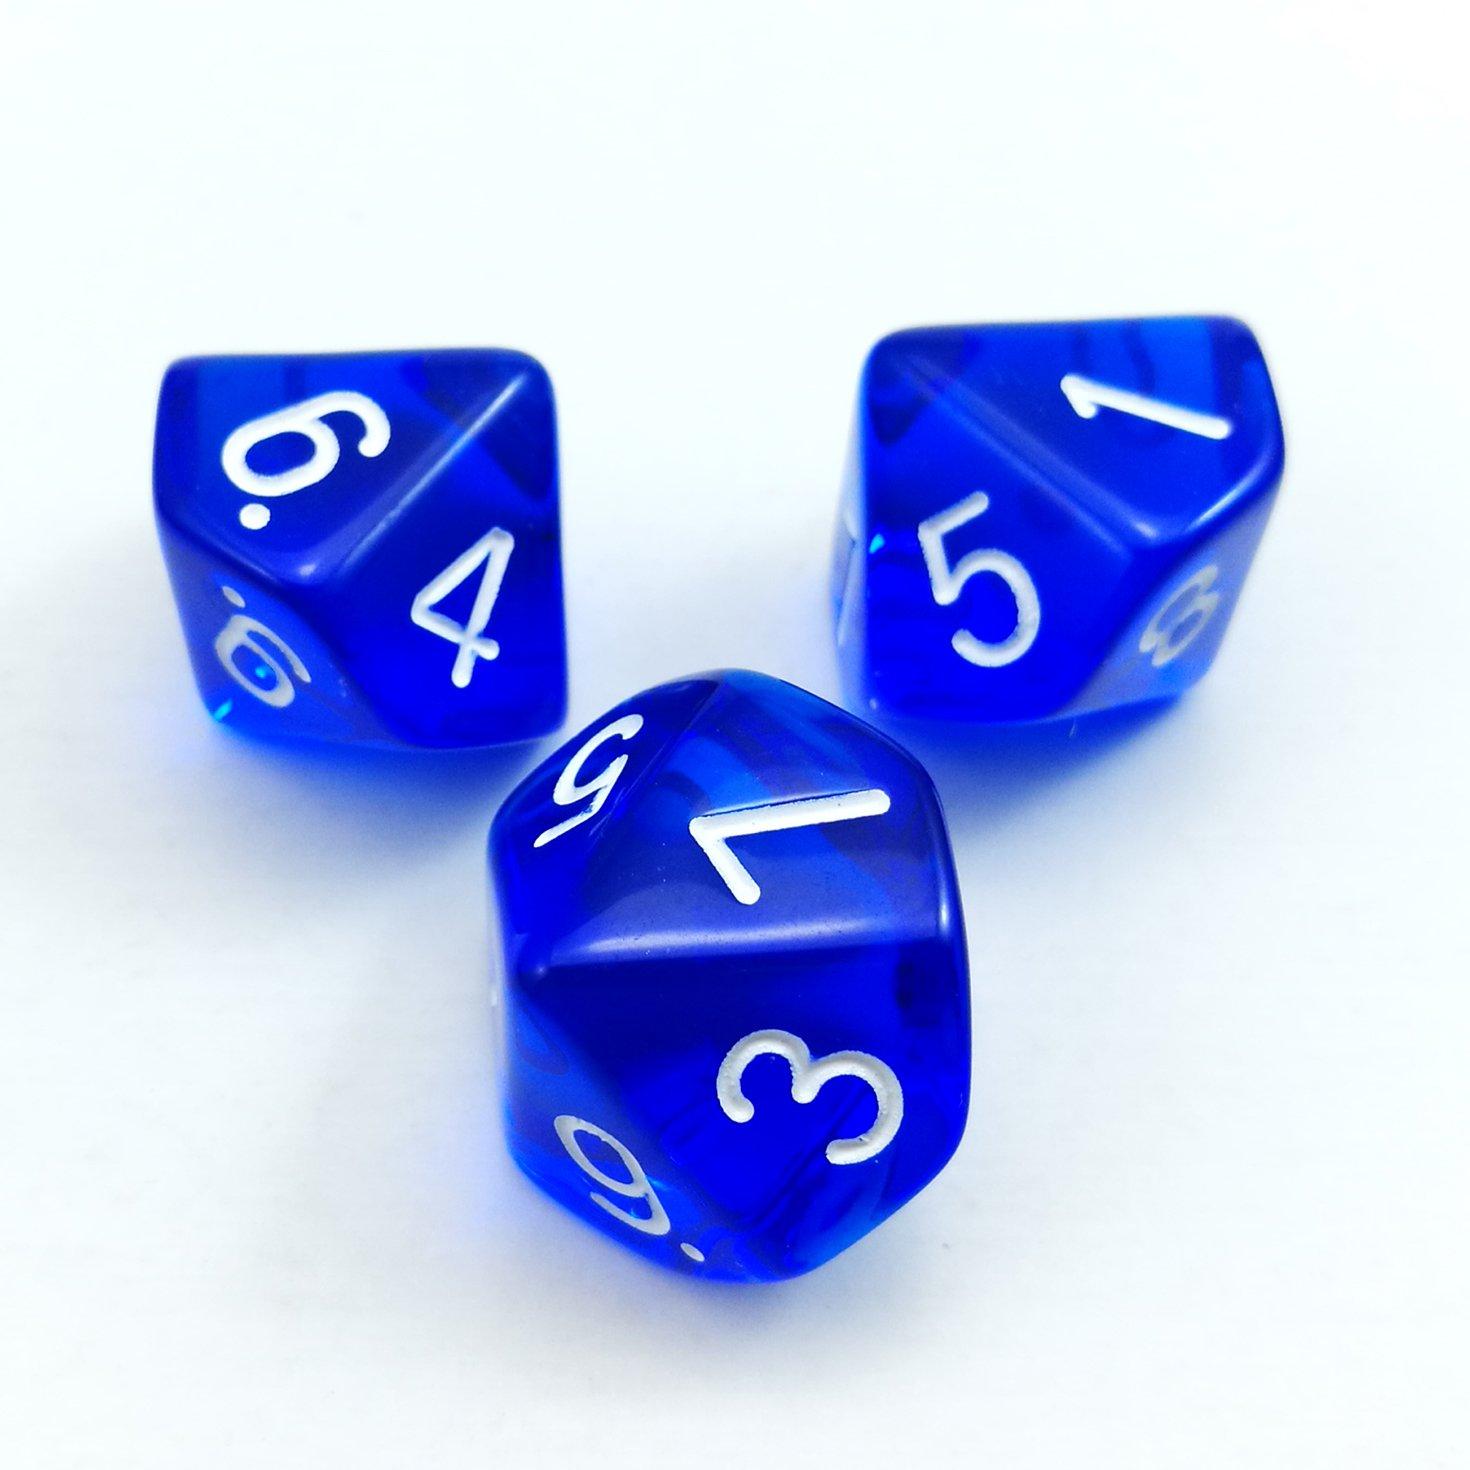 10 C/ôt/és Cube 1-10 Bescon Poly/édrique 10 C/ôt/és d/és avec num/éro 1-10 10pcs Set Bleu transparent 10 Face d/és